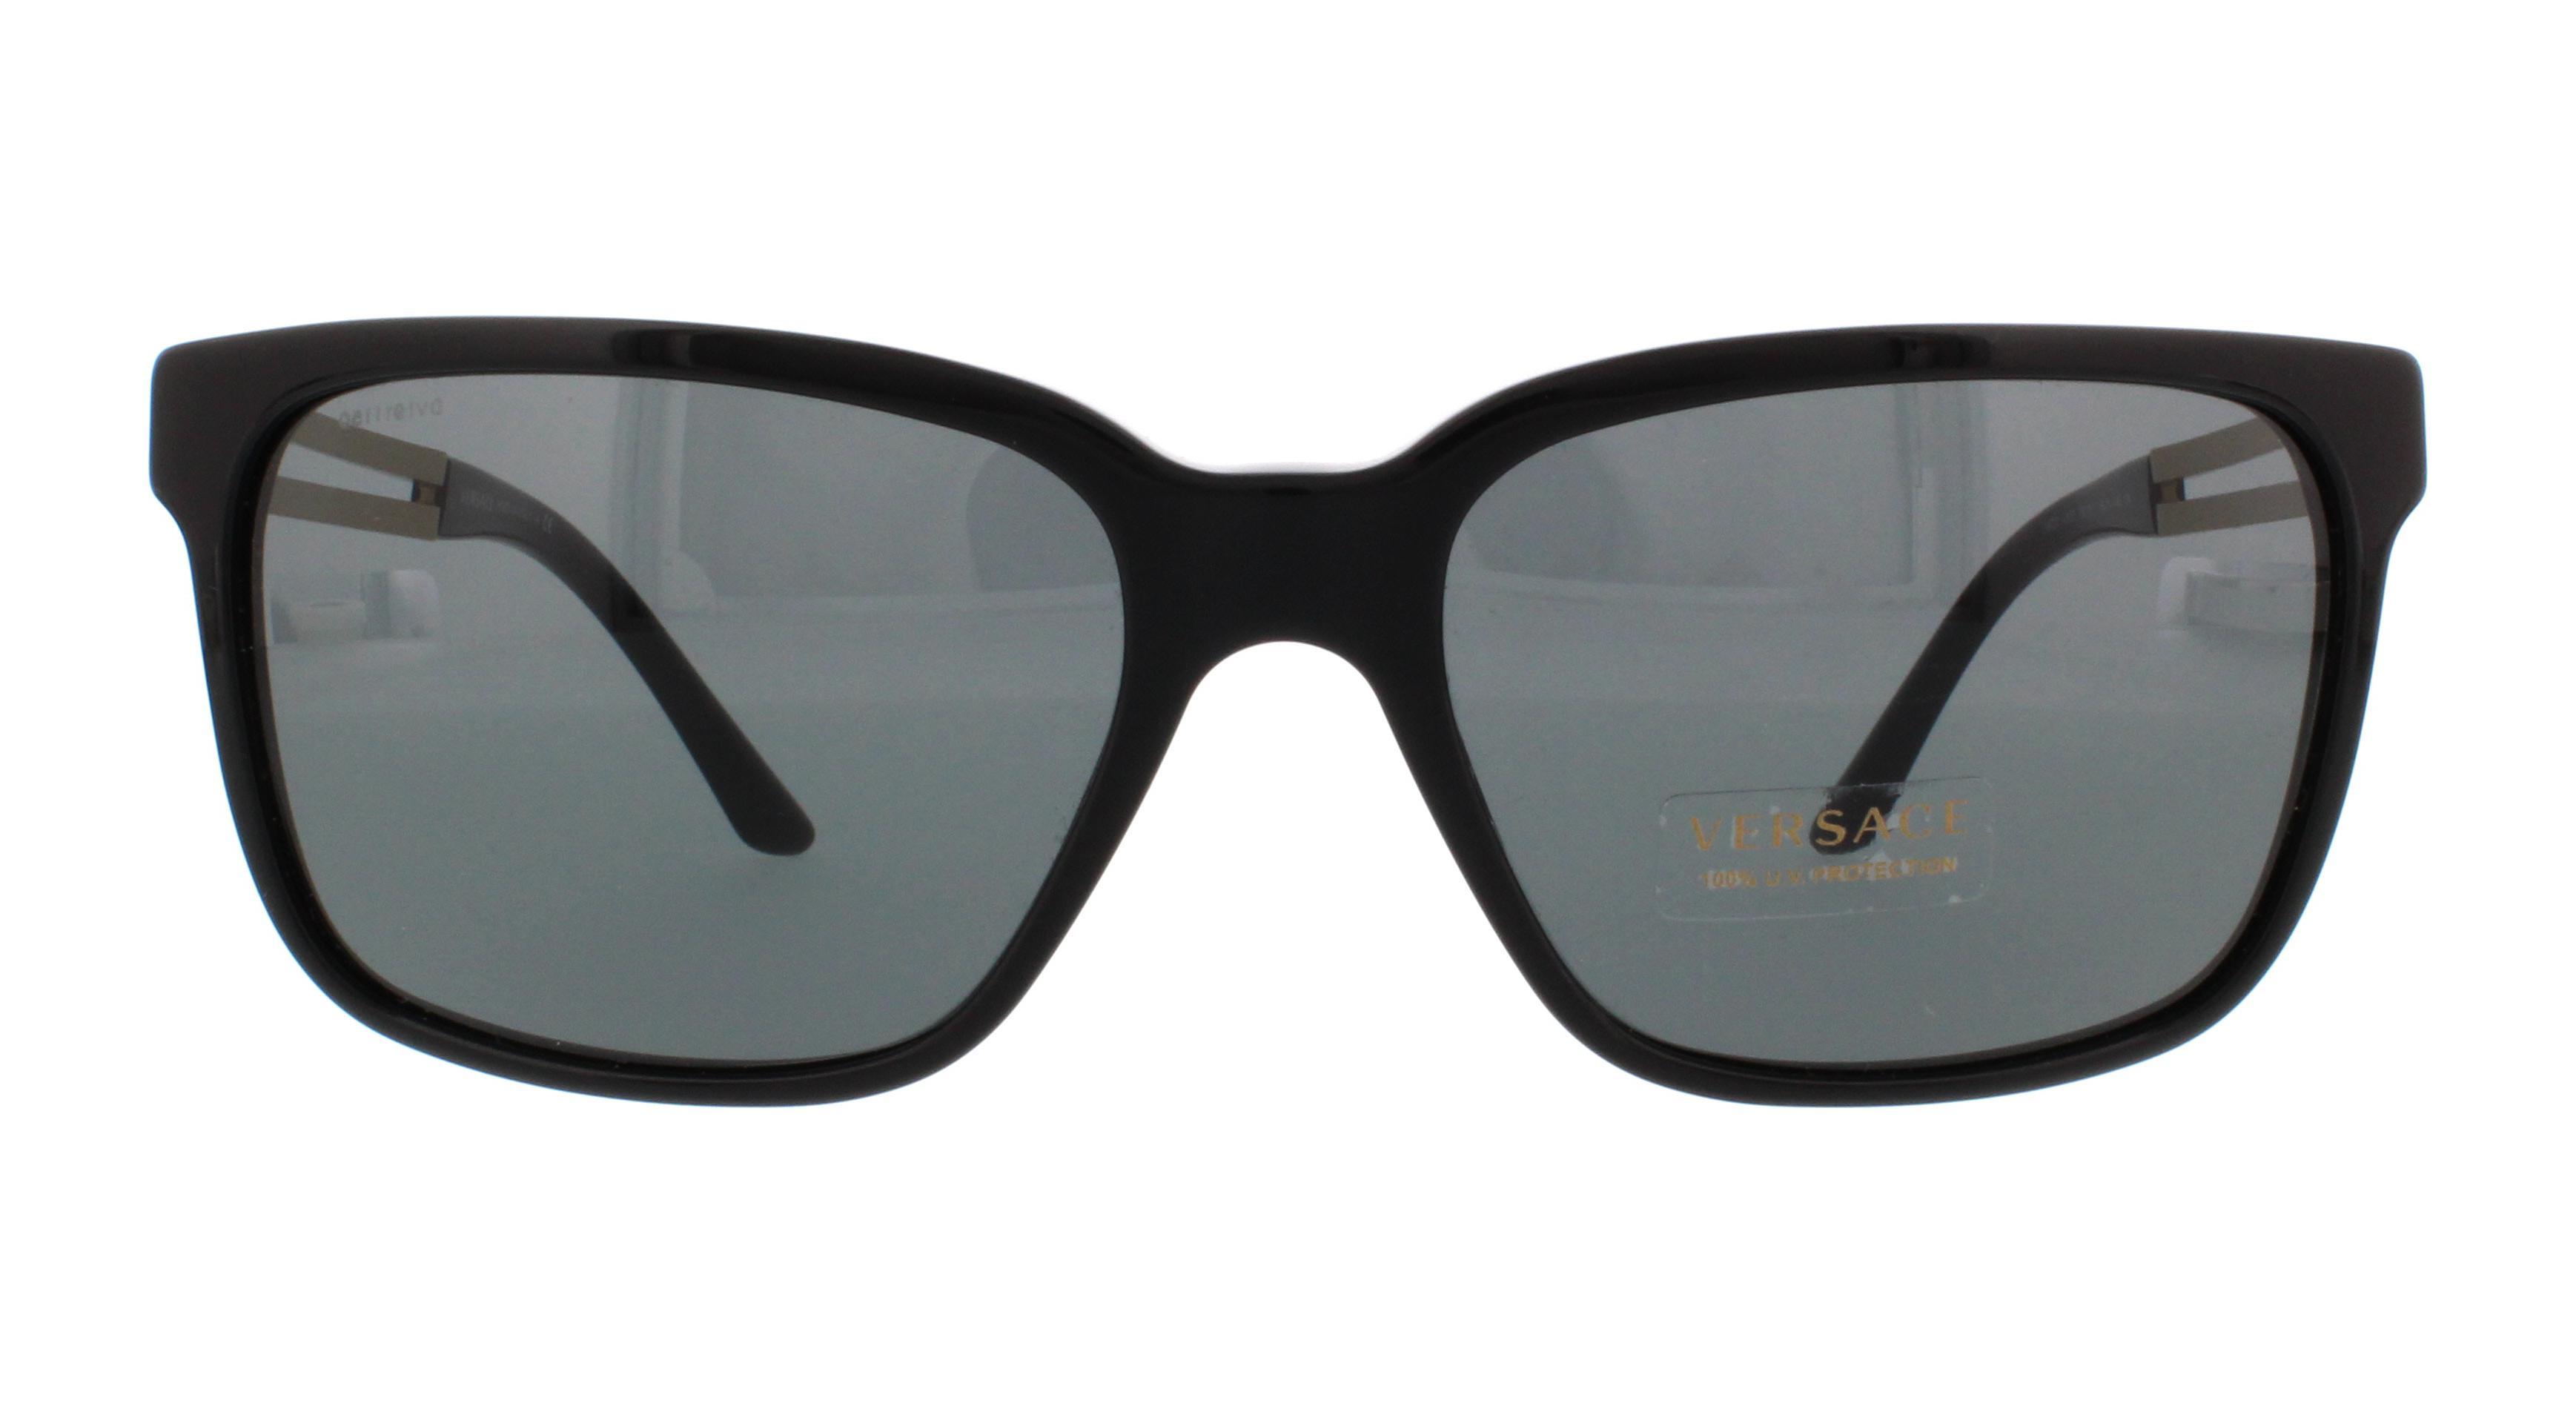 a3e9795a3e6 Designer Frames Outlet. Versace VE4307